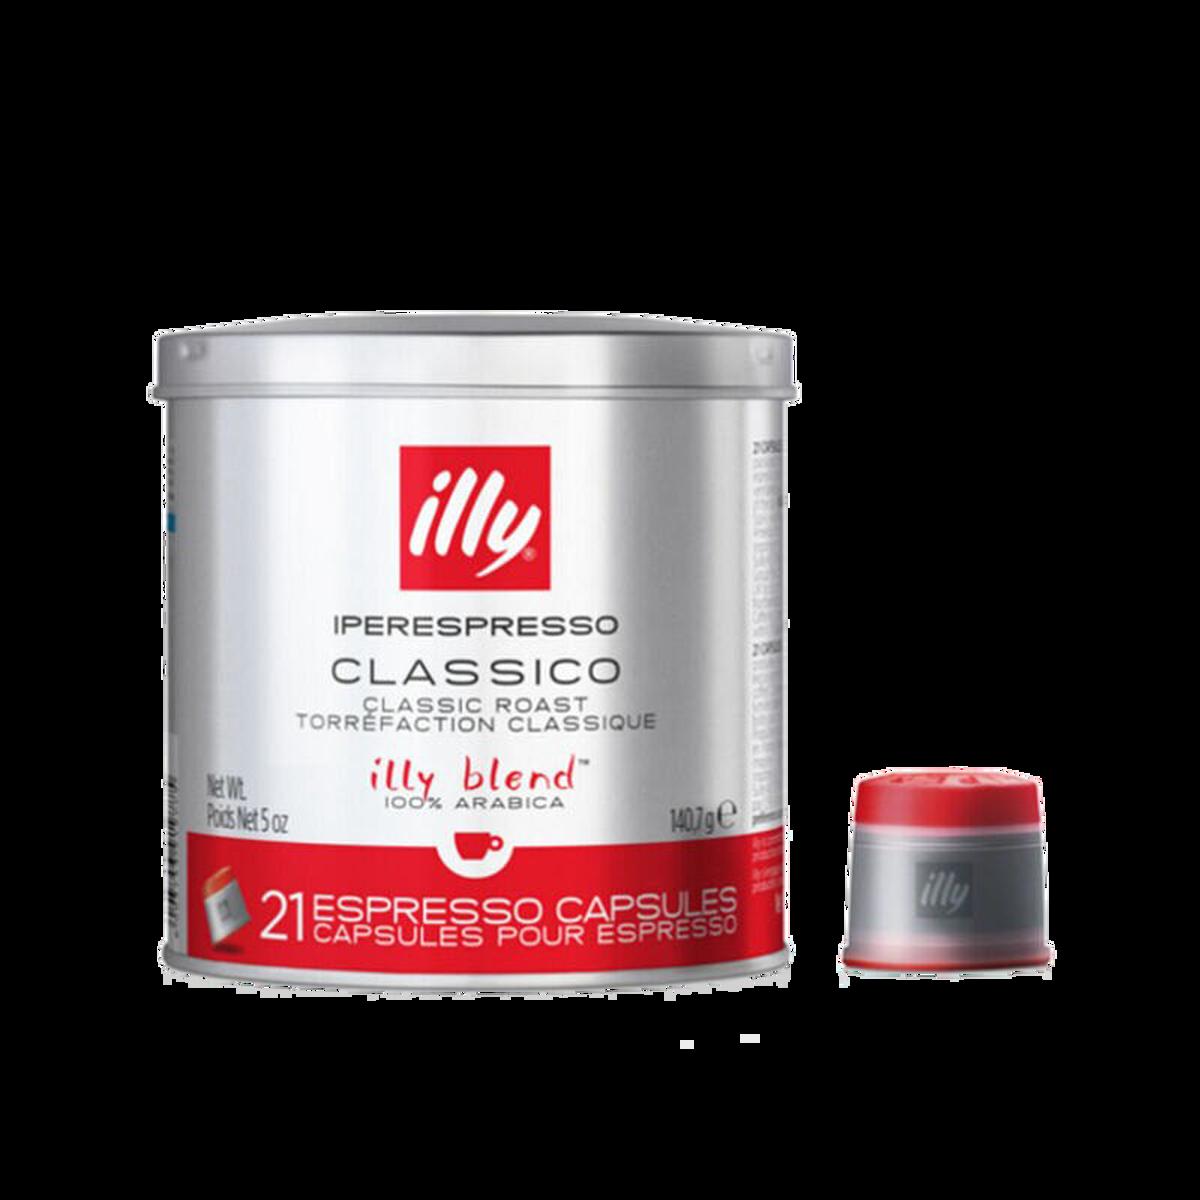 illy - Espresso capsules Classico - Medium Roast - 21 stk.